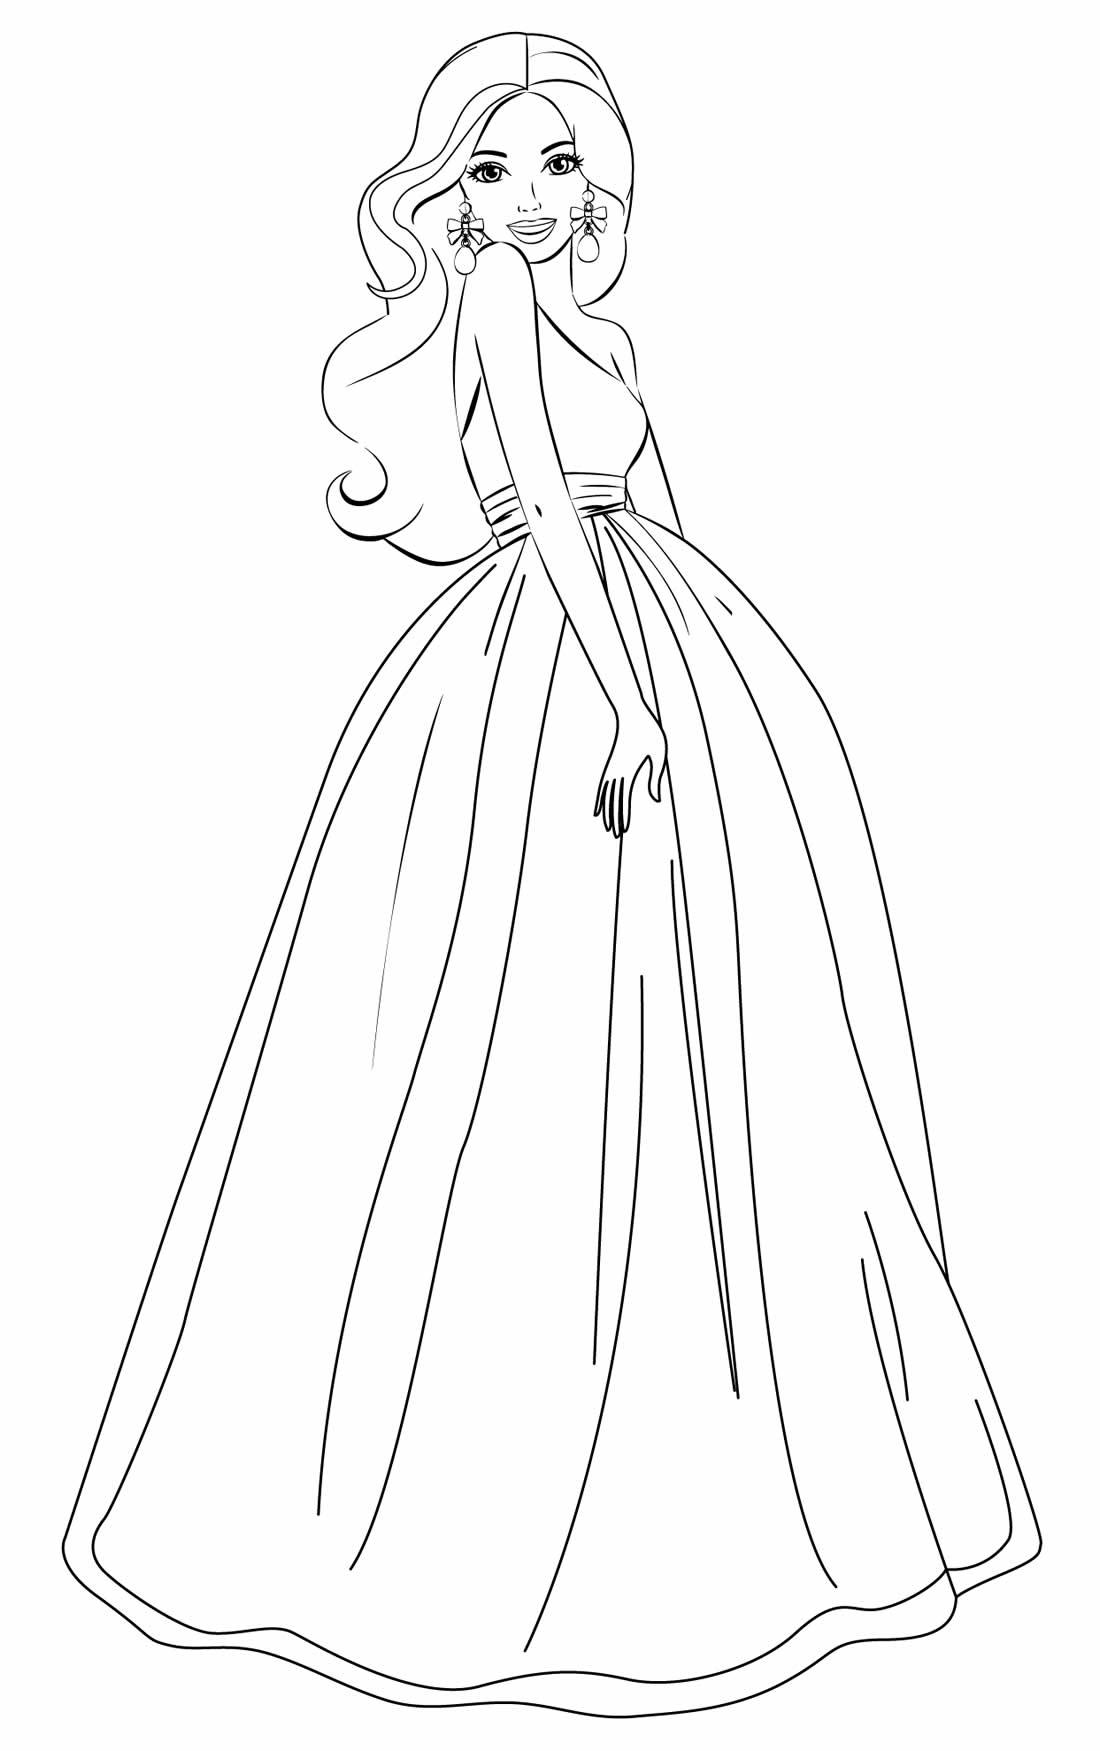 Desenho para colorir da Barbie